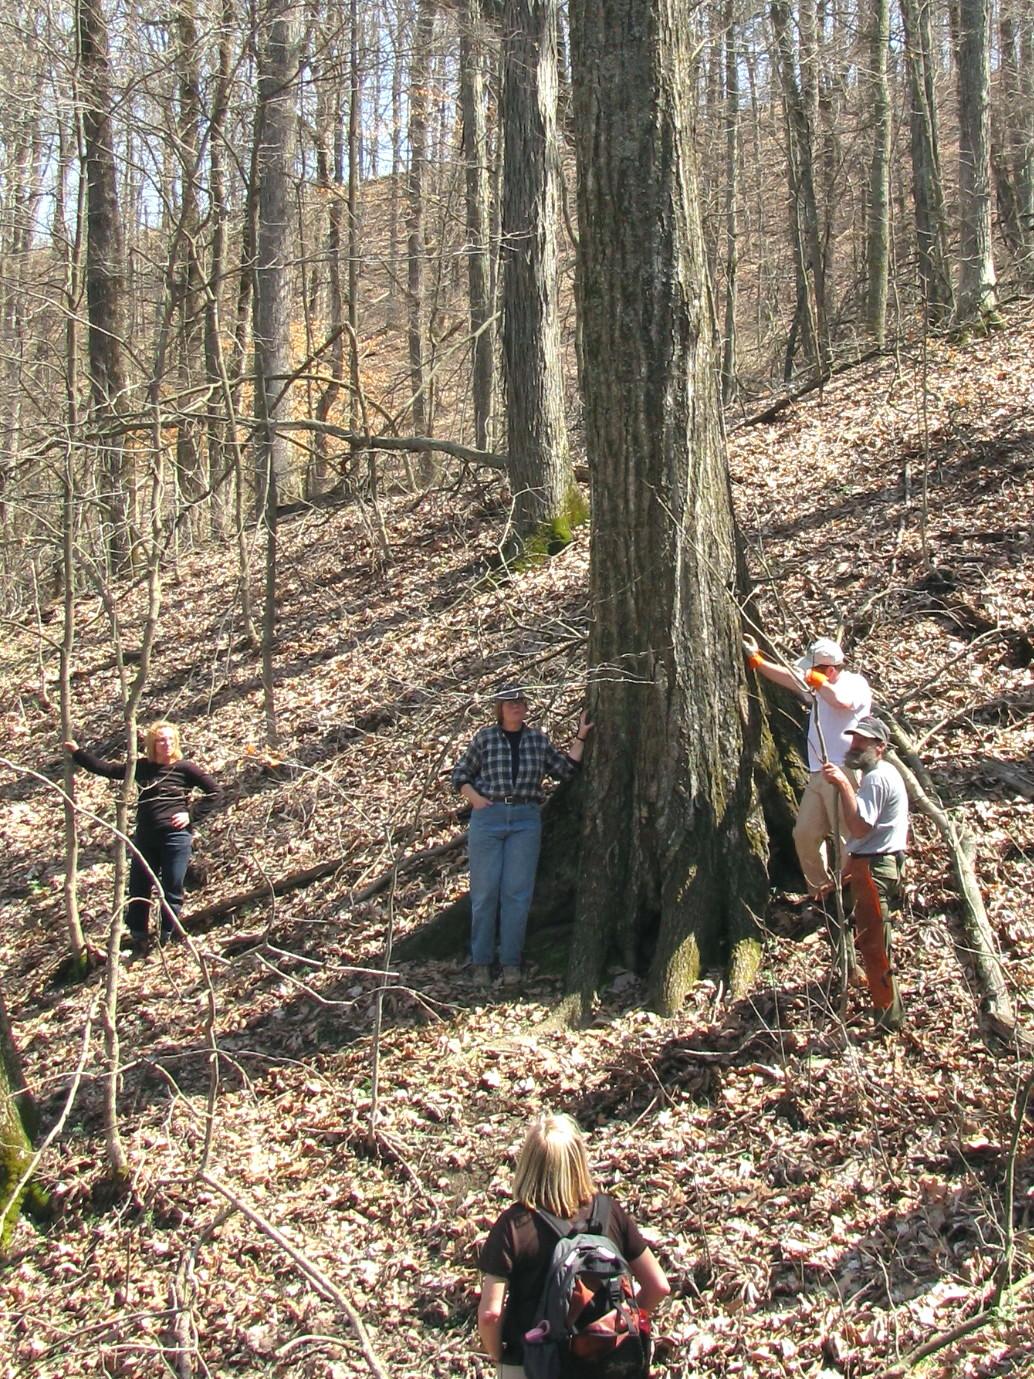 V-D vol field trip D. Payne 3-2010.jpg